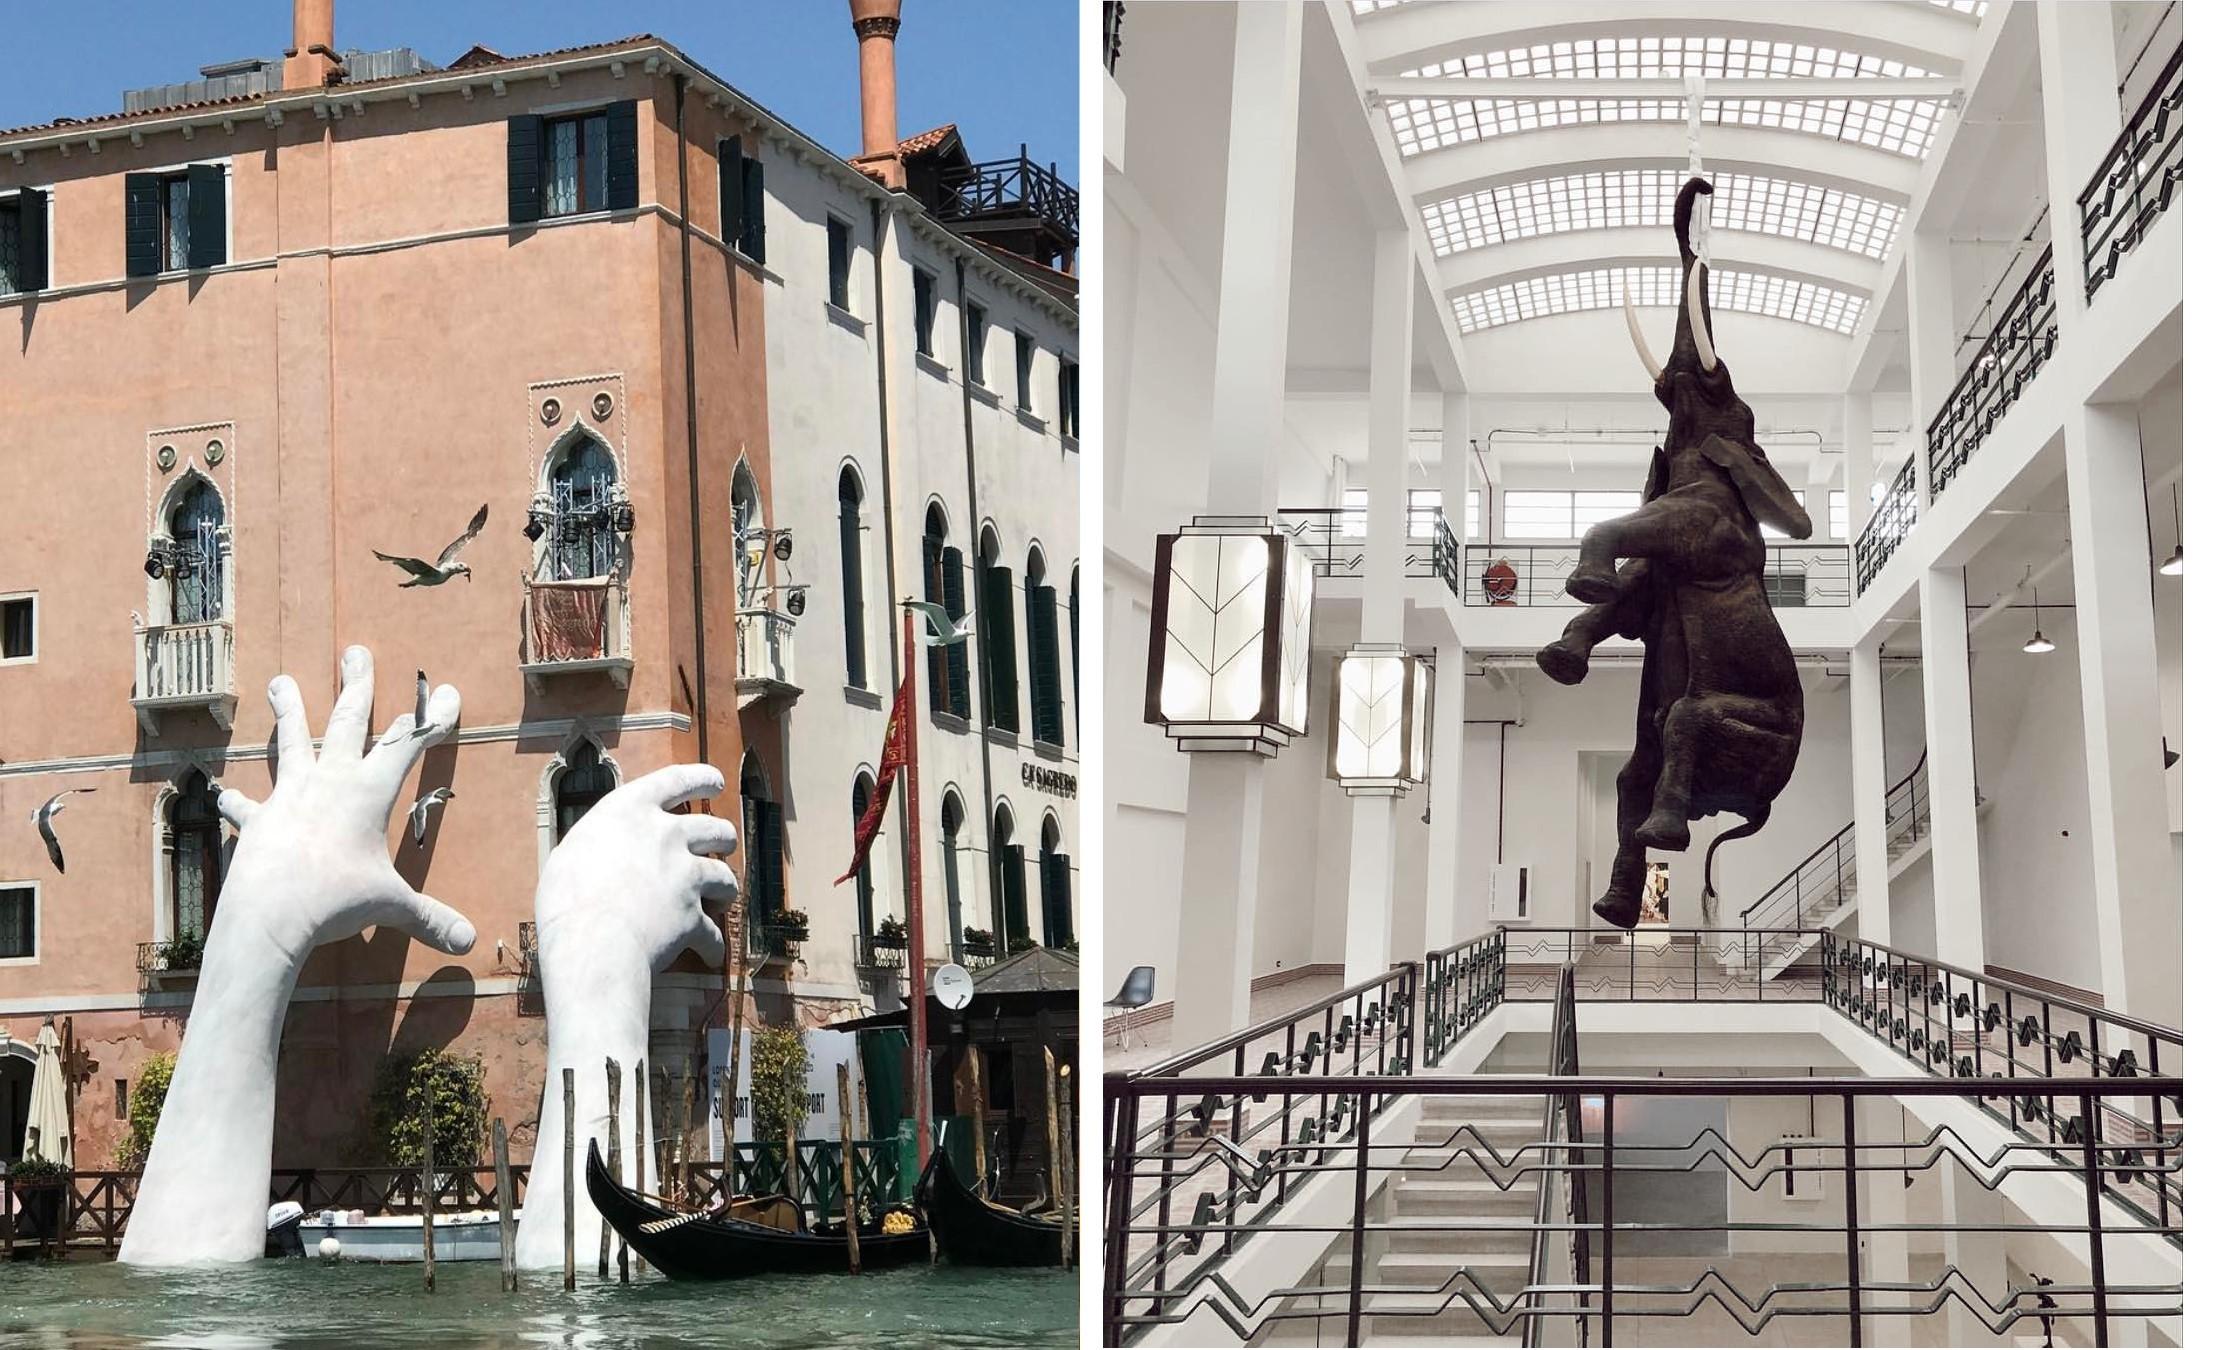 20 виртуозных скульптур со всего мира, мимо которых невозможно пройти (чтобы их внимательно рассмотреть)